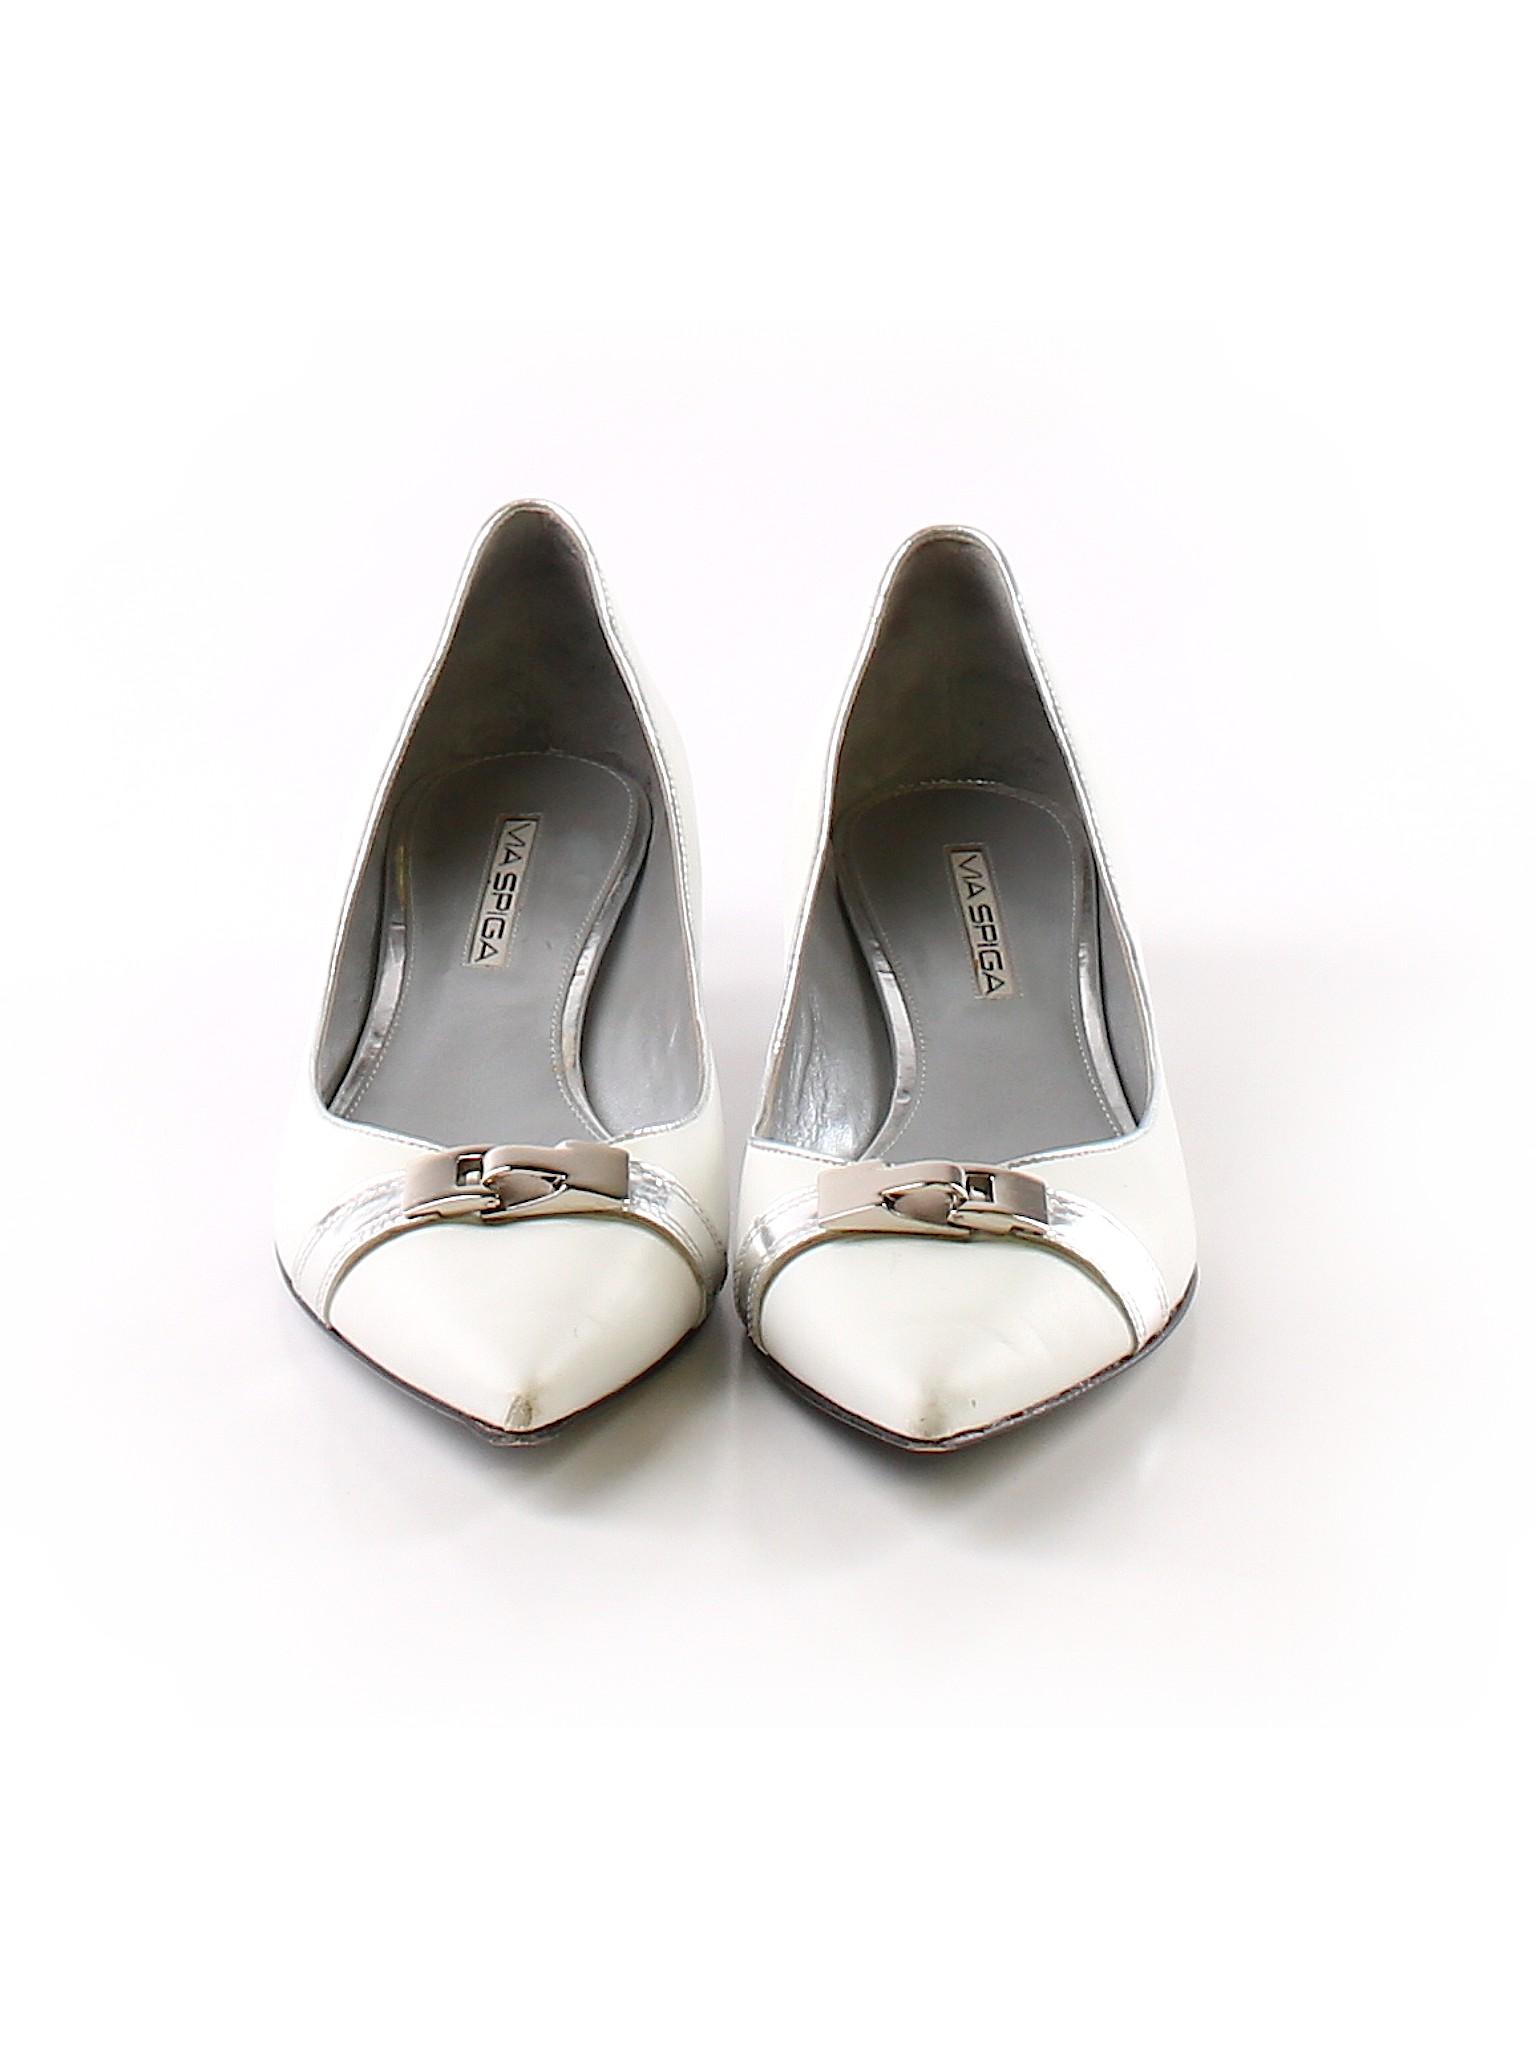 Via Boutique promotion Boutique Spiga promotion Heels WwUTqqaYg